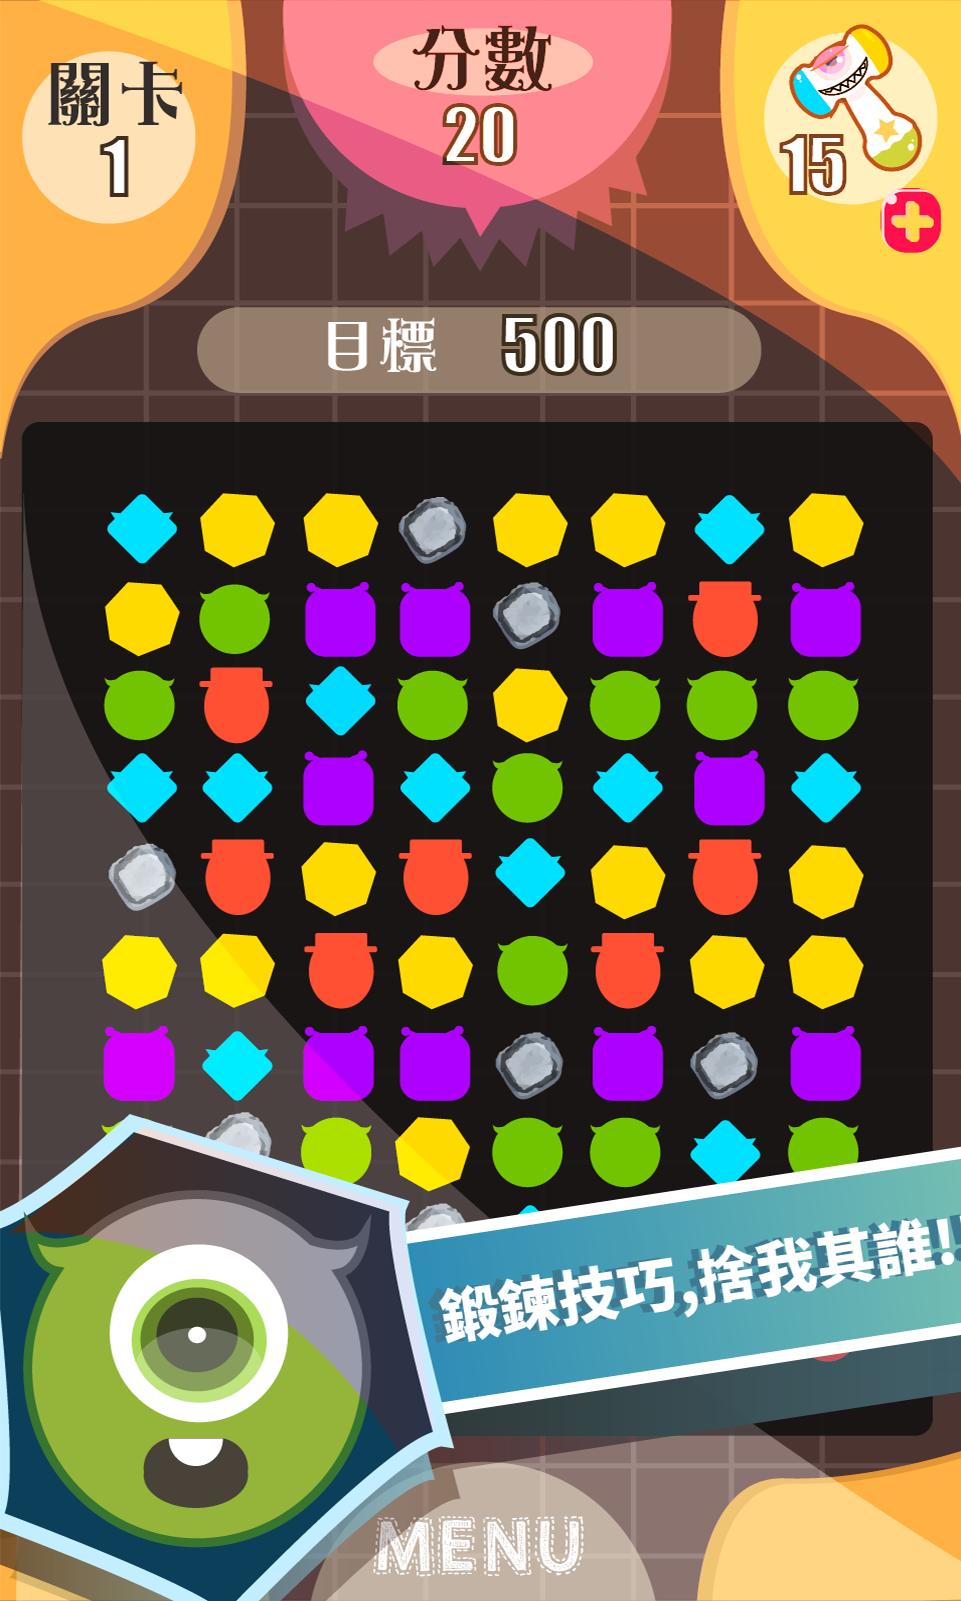 dm_cn_3